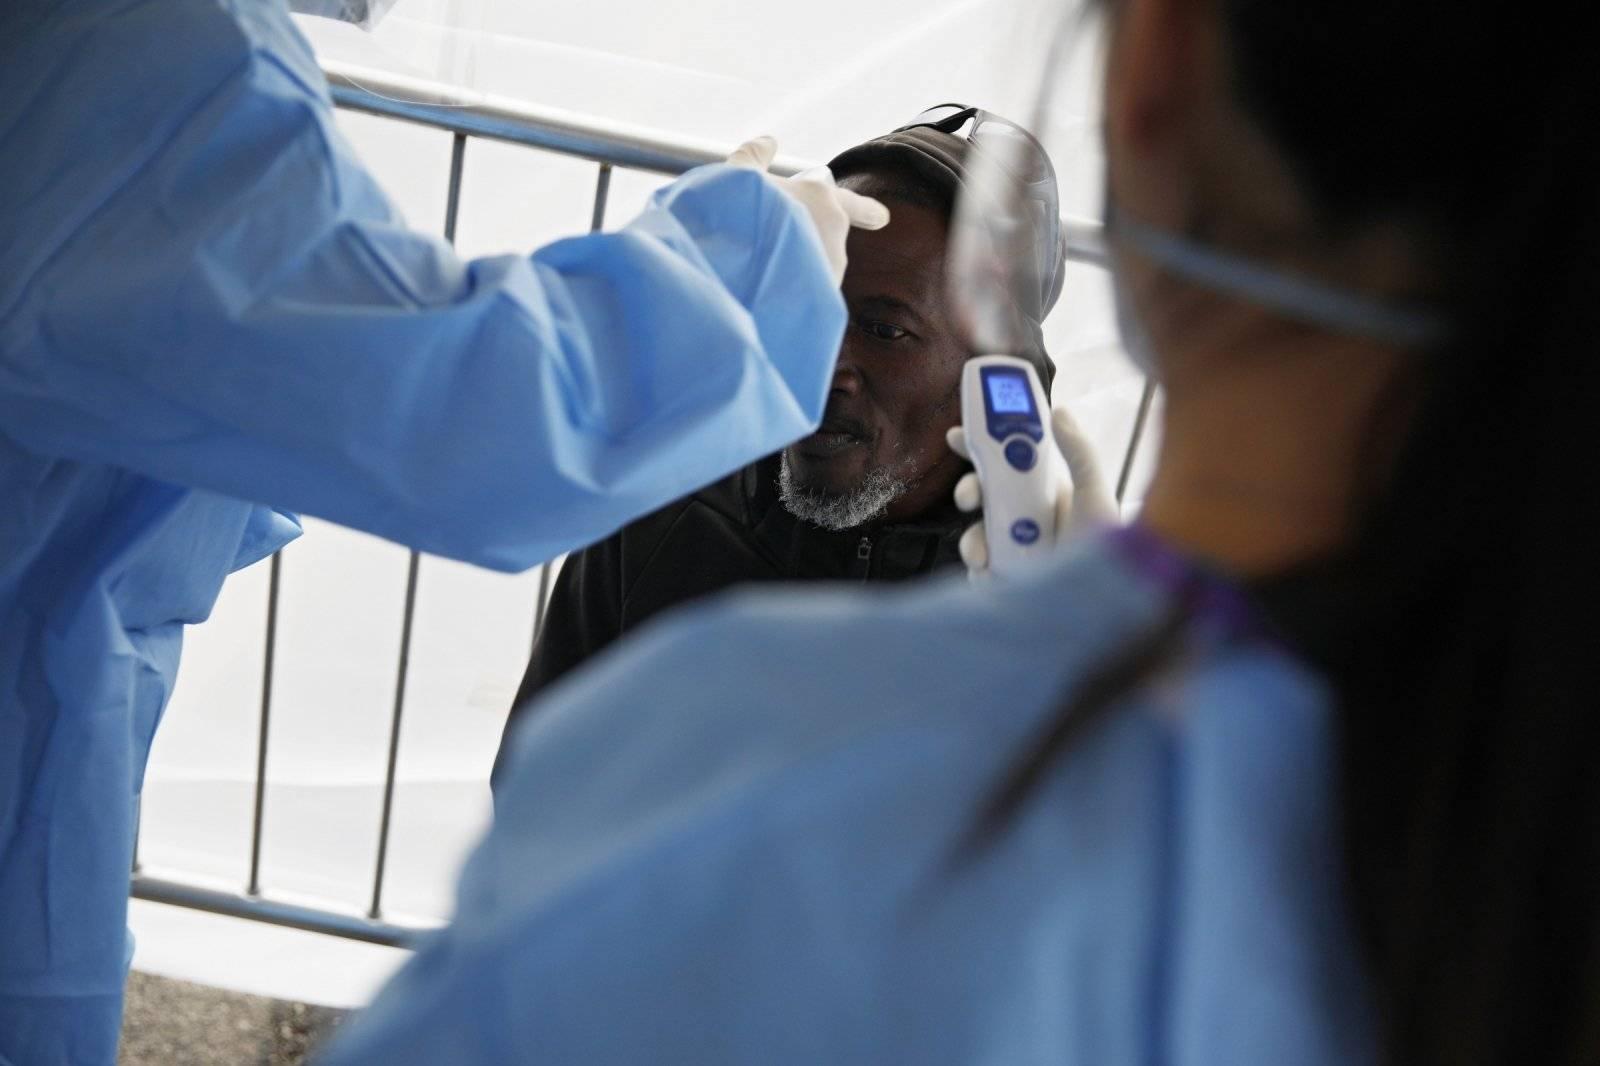 Вирус морю не помеха: врачи рассказали, как не подхватить заразу на побережье